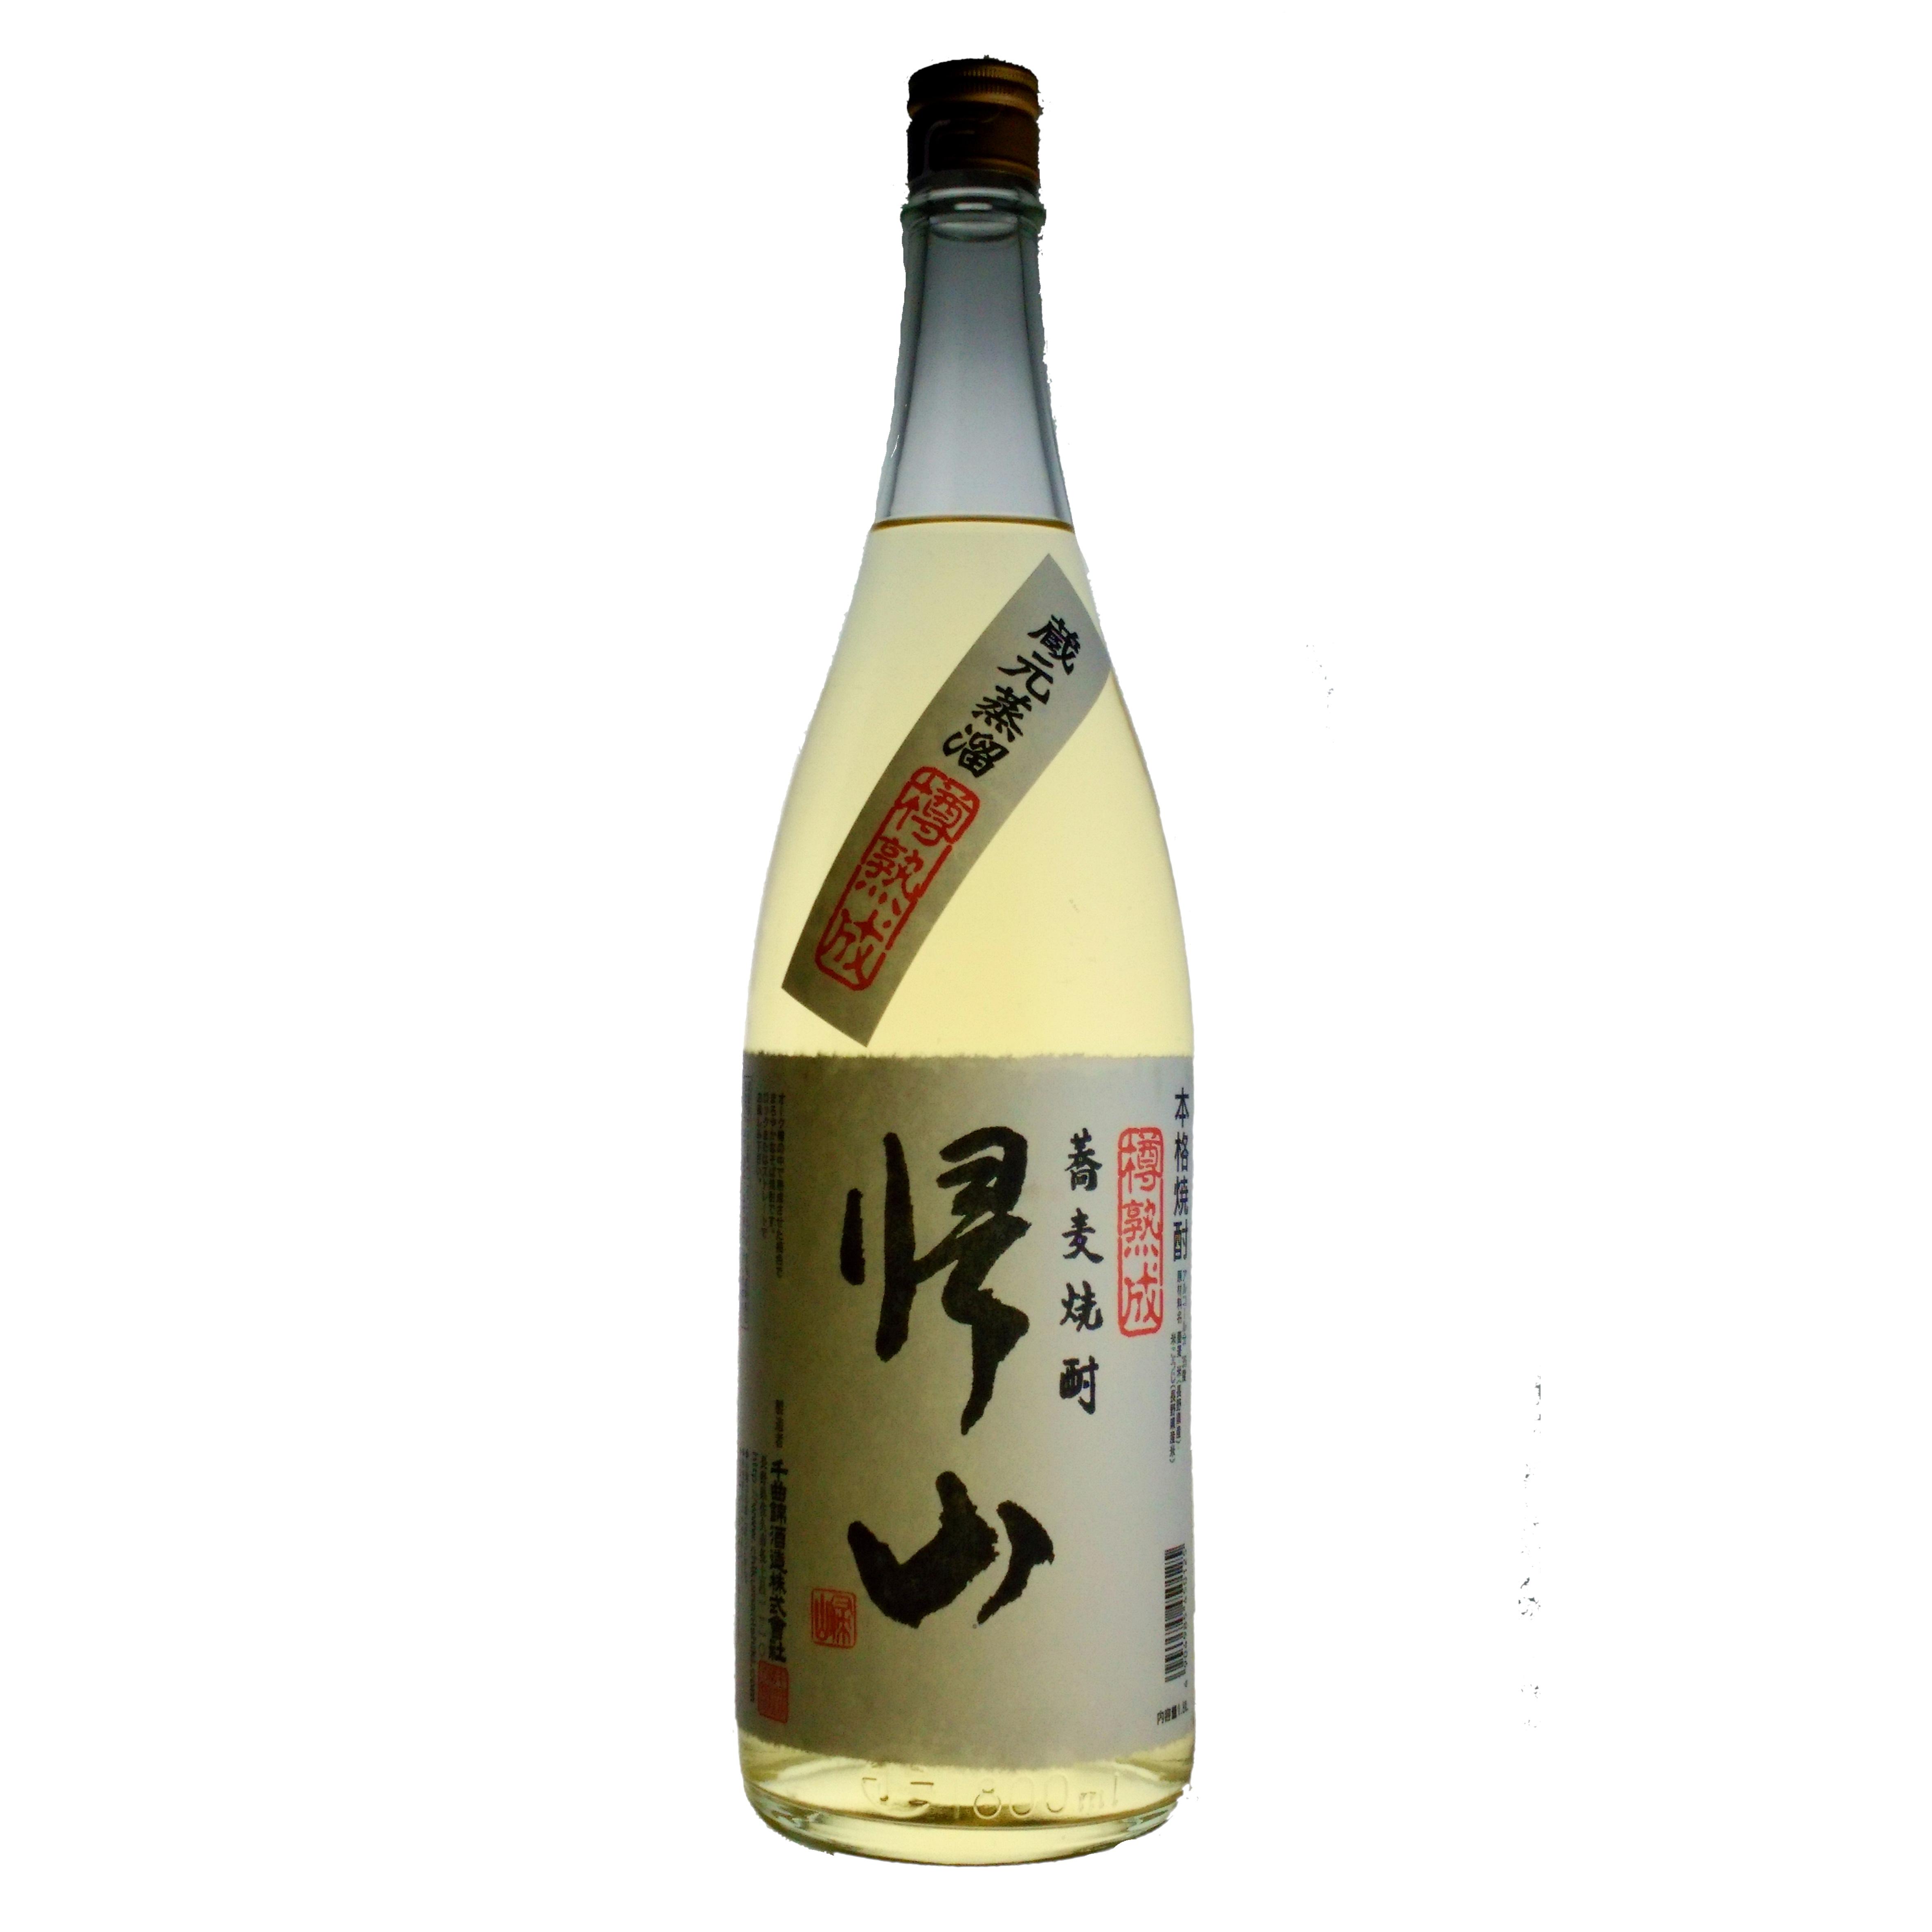 帰山 そば焼酎 樽熟成 35%